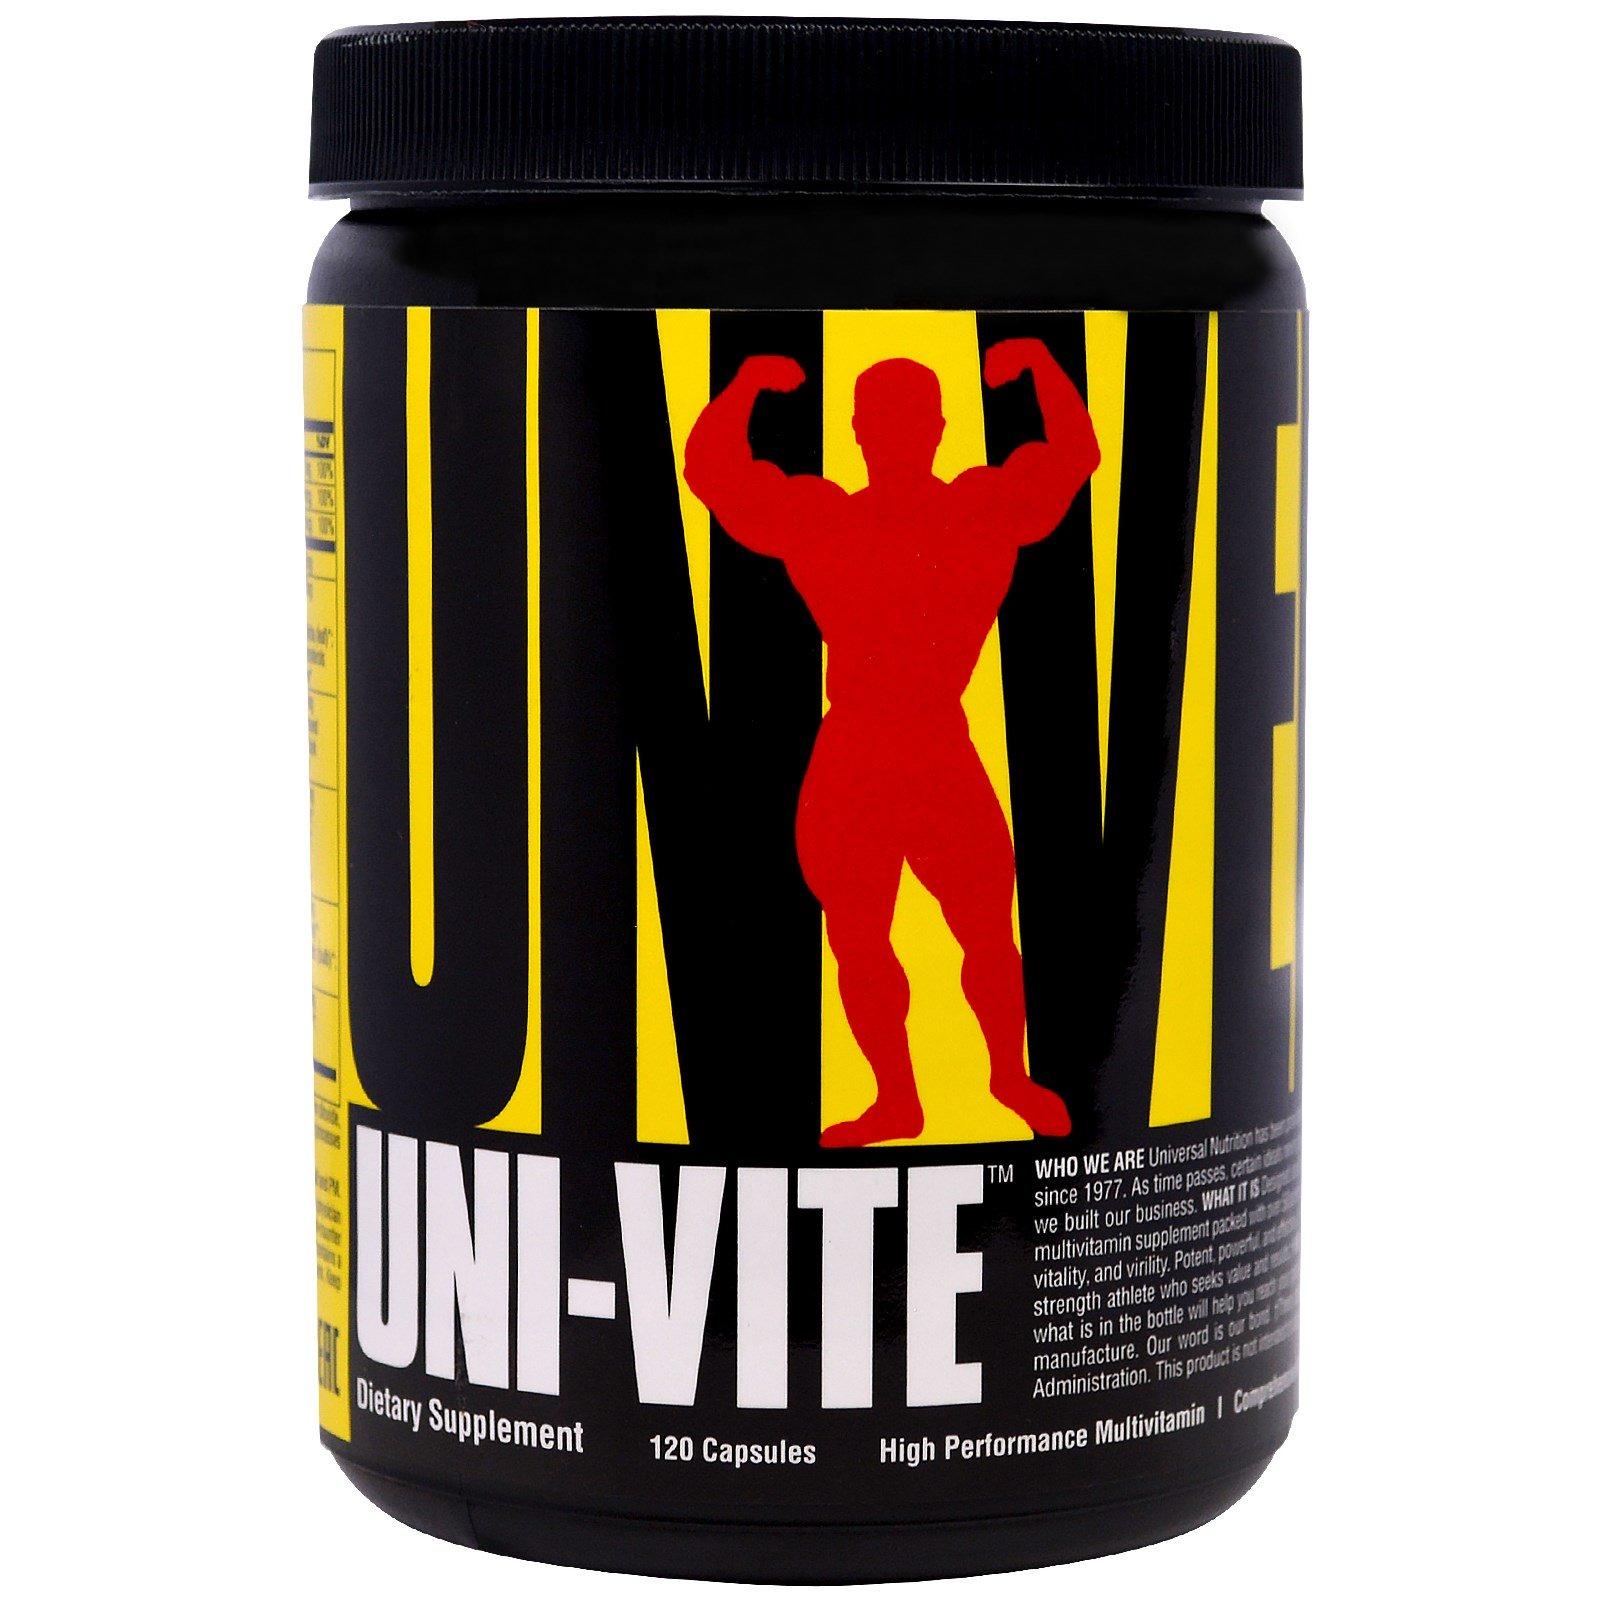 Лучшие спортивные витамины для мужчин рейтинг - здоровый образ жизни